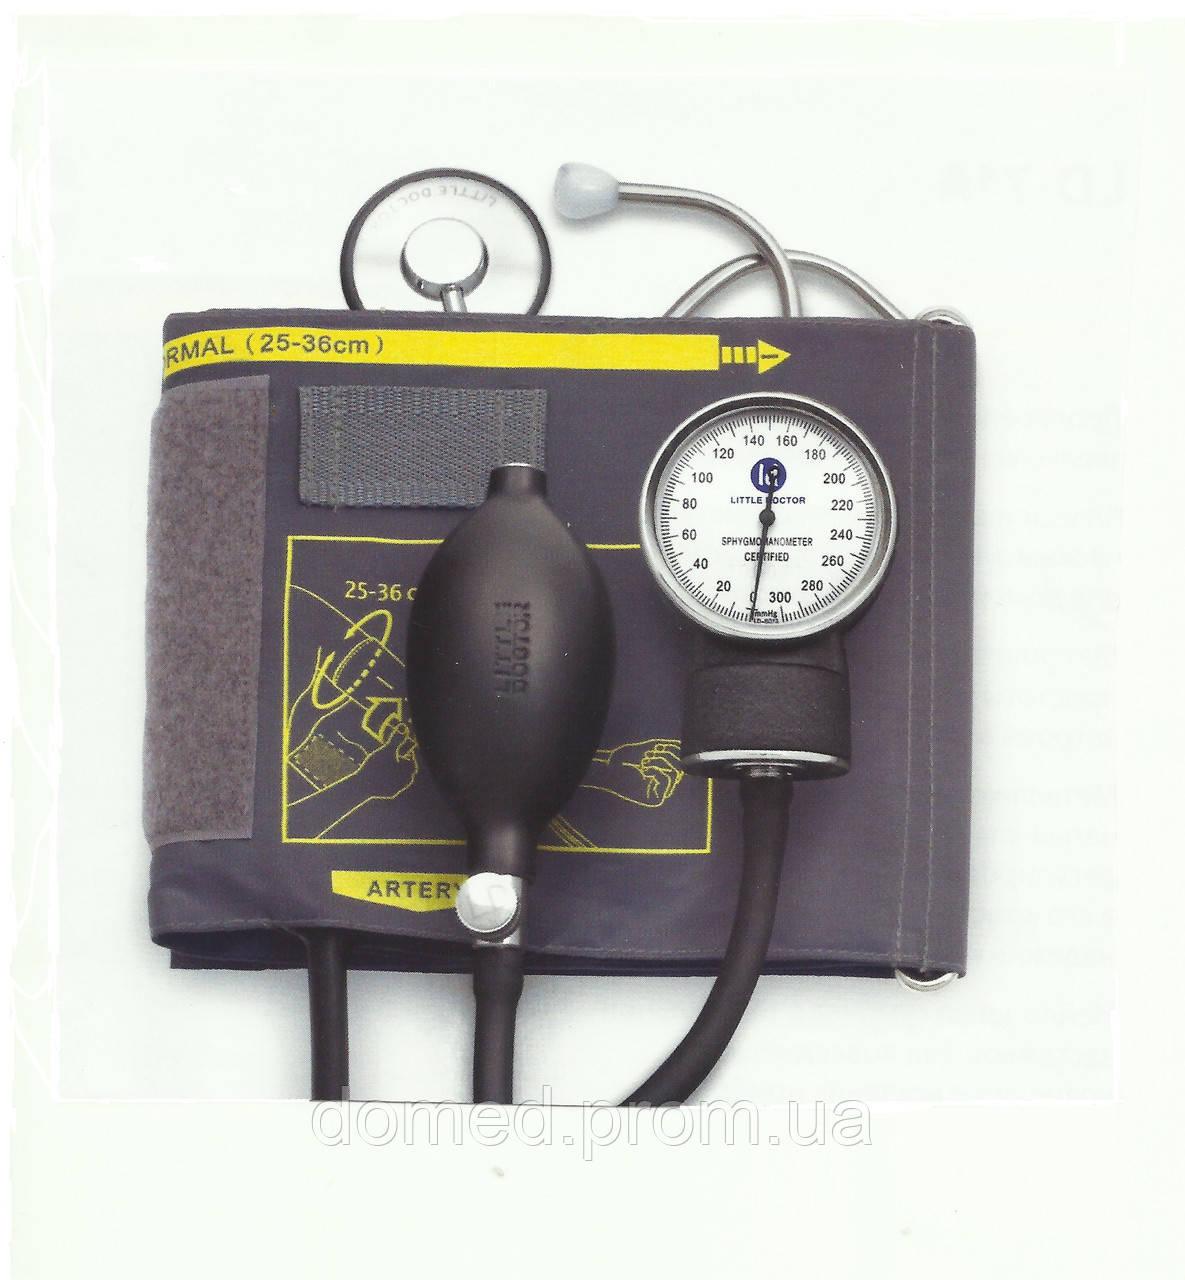 Тонометр механический на плечо Little Doctor LD-71